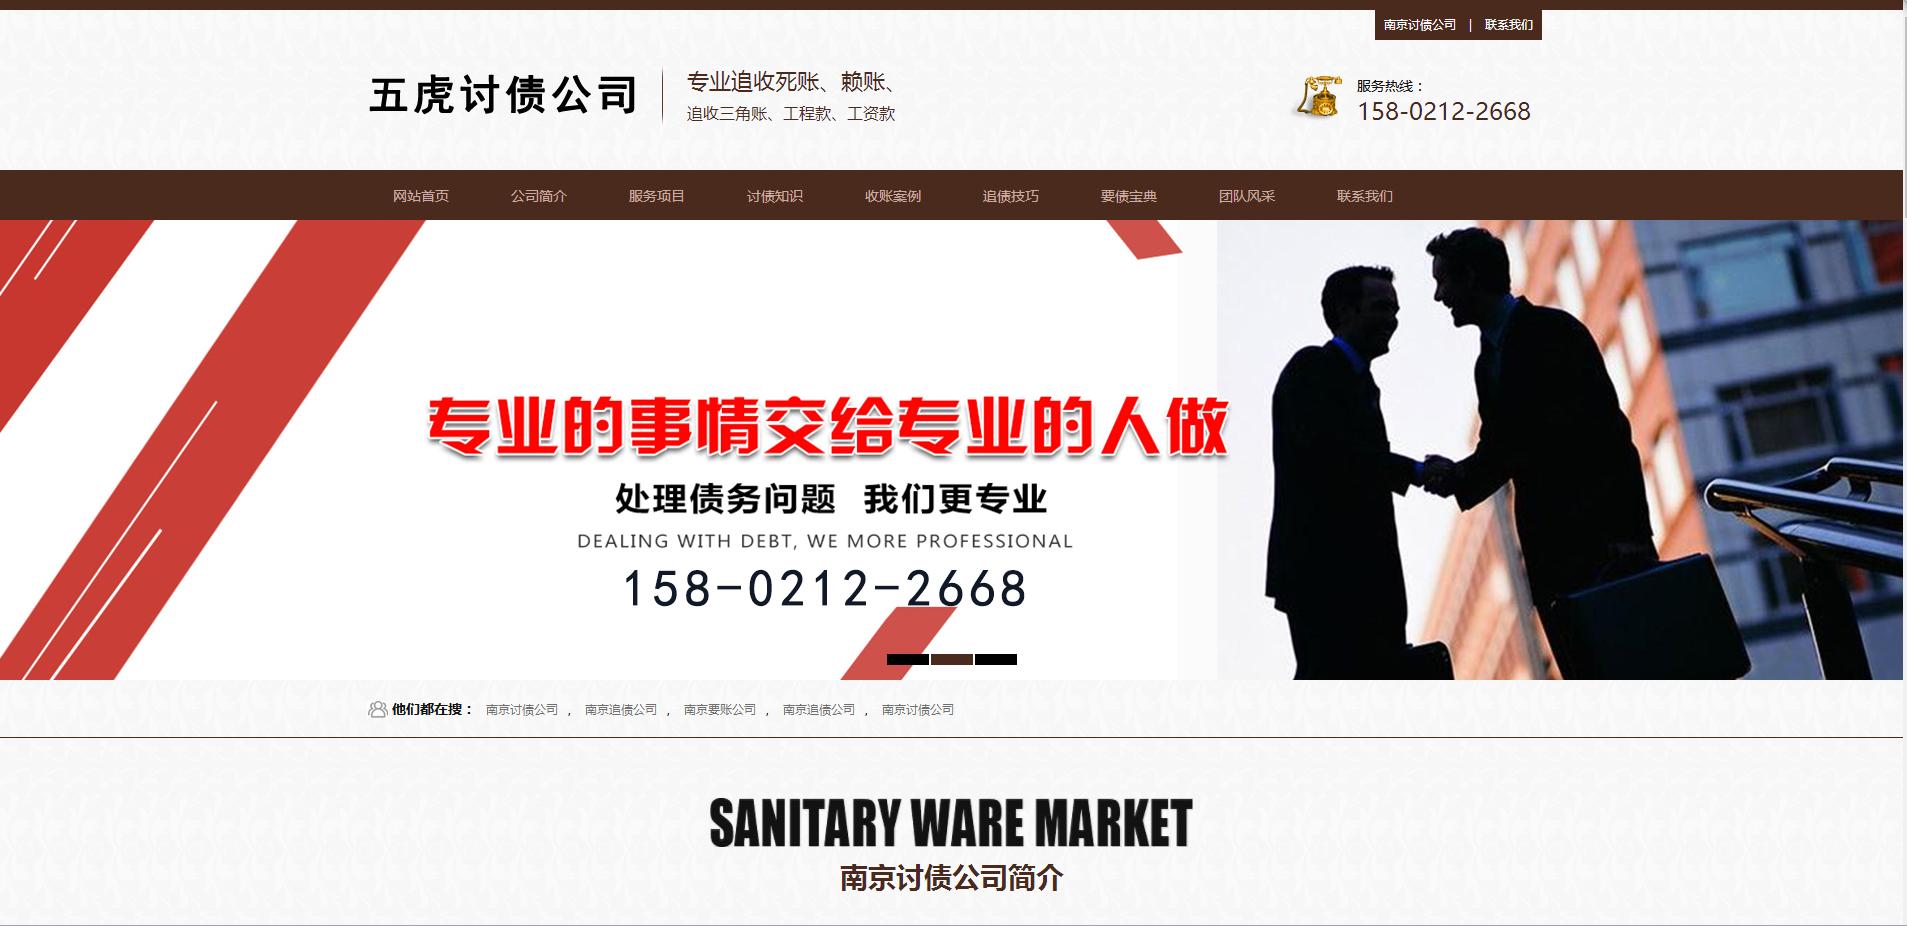 南京五虎讨债公司网站建设成功案例